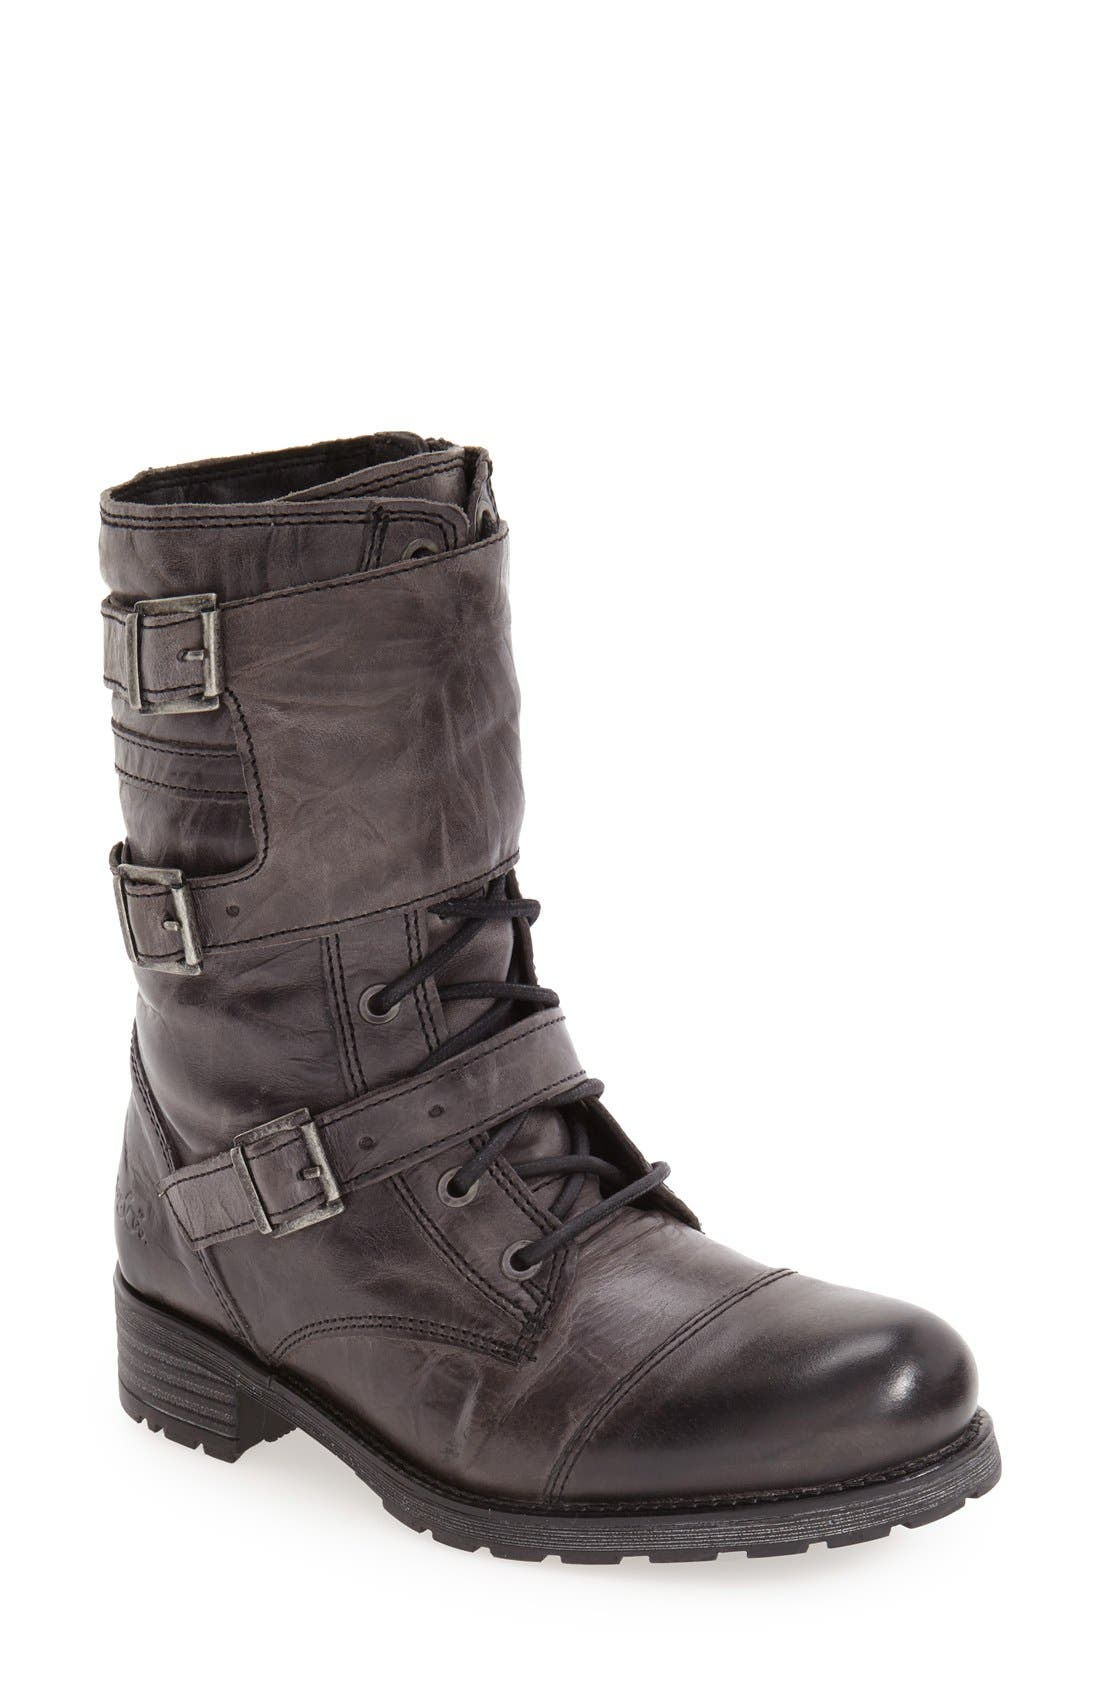 Bos. & Co. 'Irena' Waterproof Moto Boot (Women)